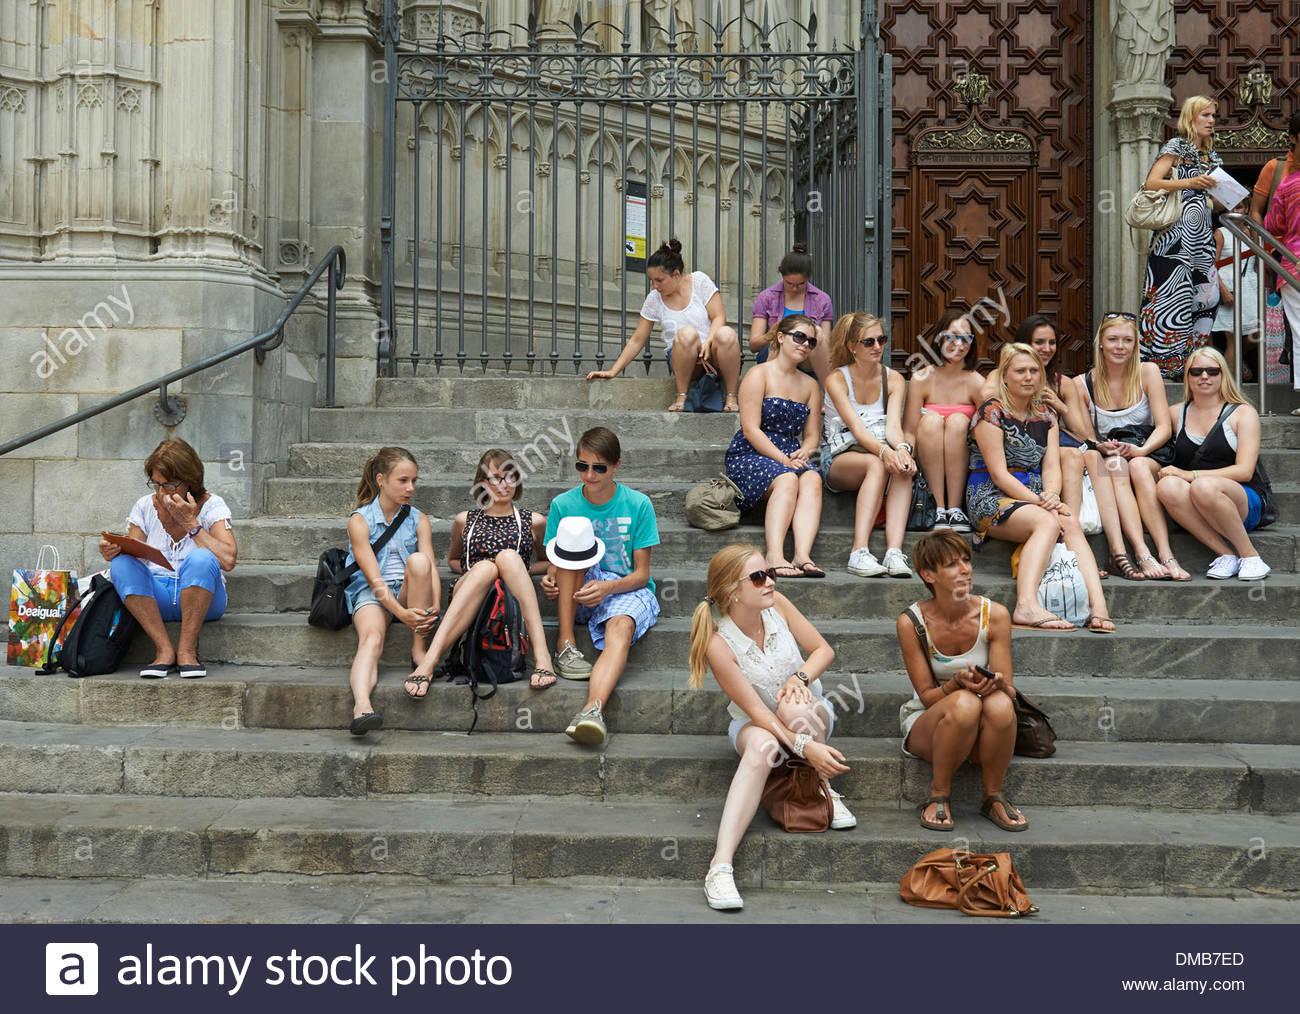 Les touristes de prendre des photos sur le pont supérieur d'un voyage touristique en bus de Barcelone en Catalogne en Espagne en Europe Photo Stock